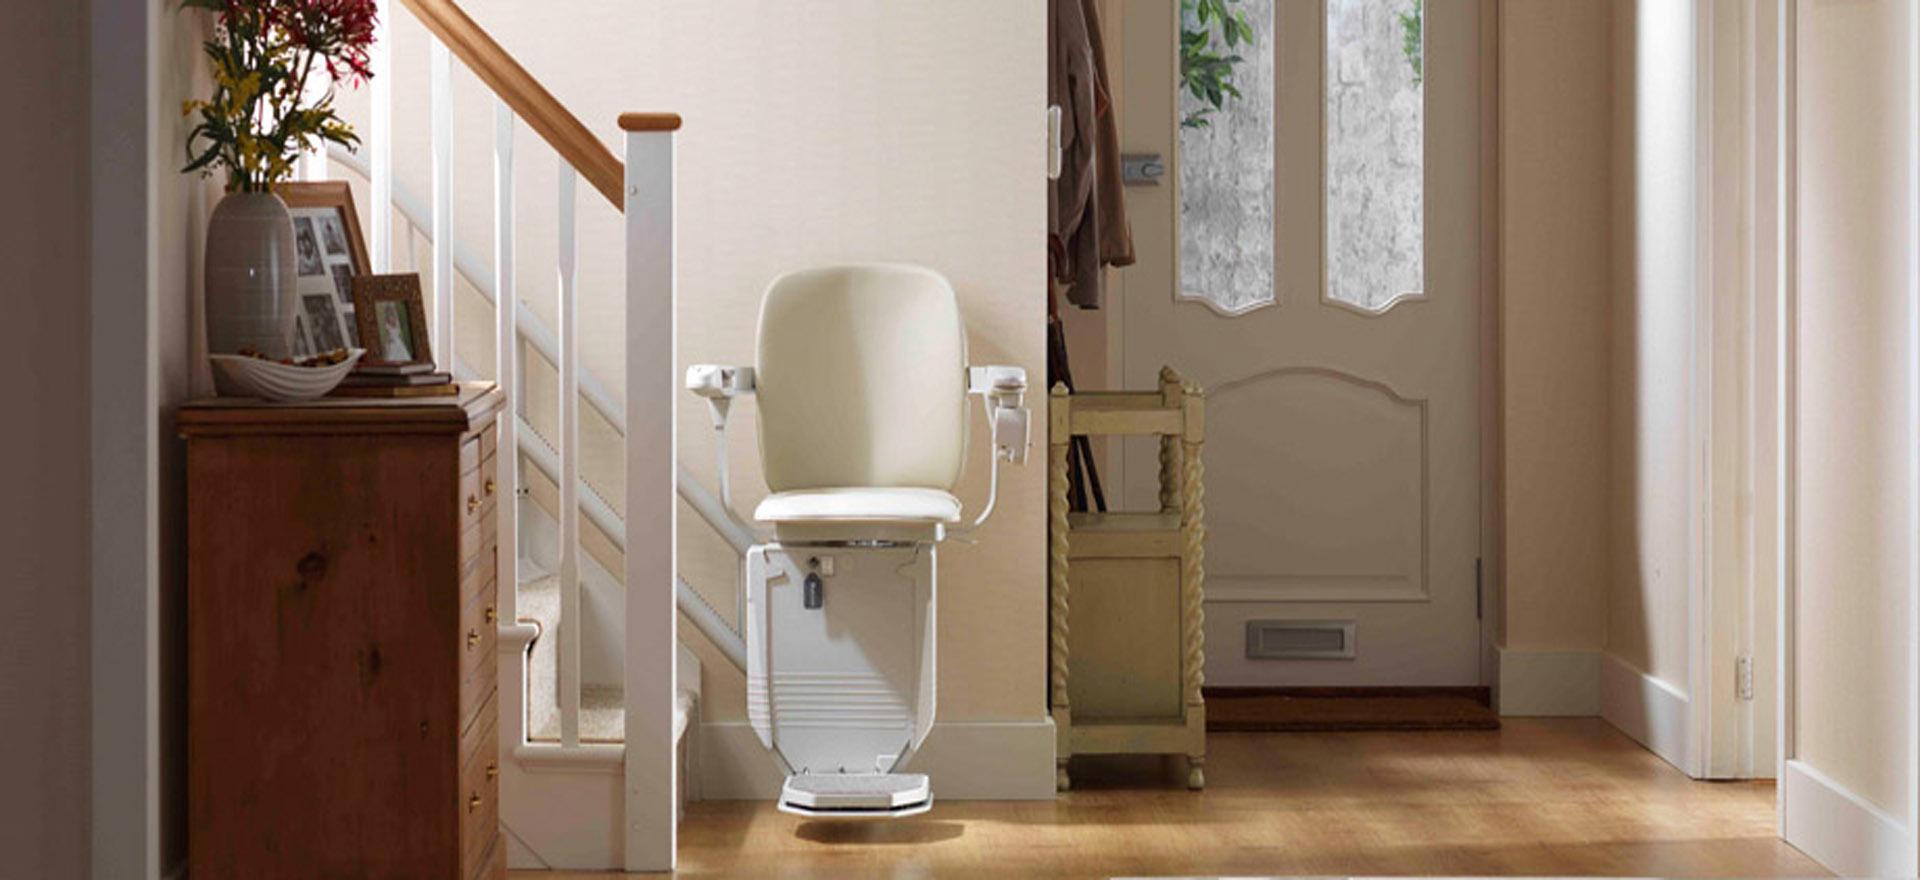 Ανελκυστήρας για περιστροφικές σκάλες - STANNAH Siena 260